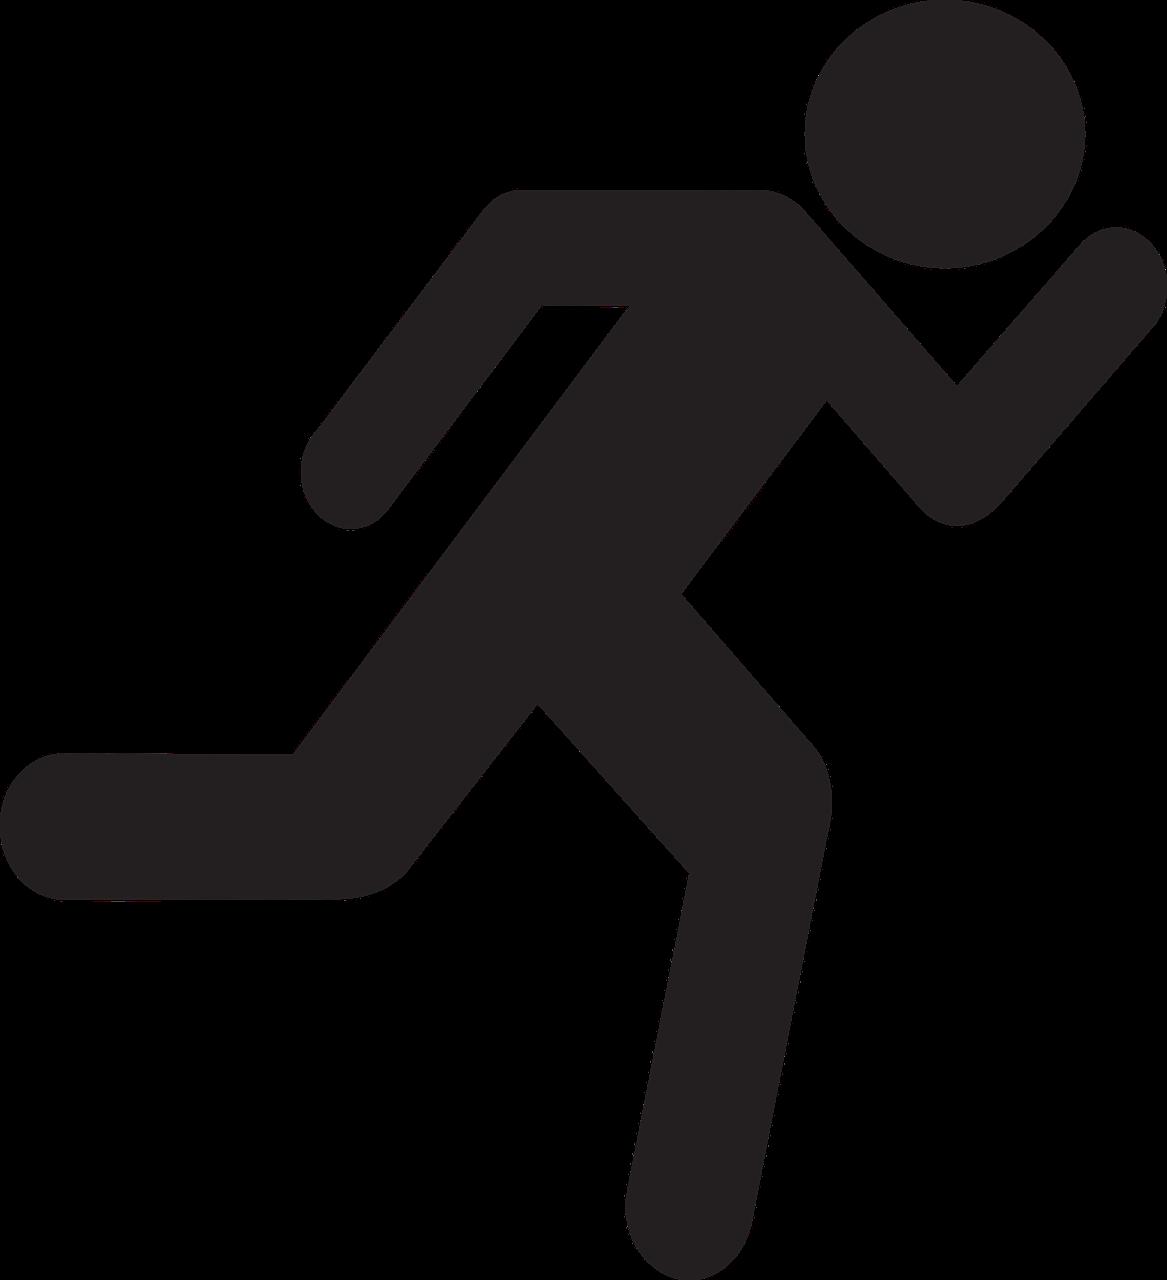 Stick figure Stick Man Running Clip art.